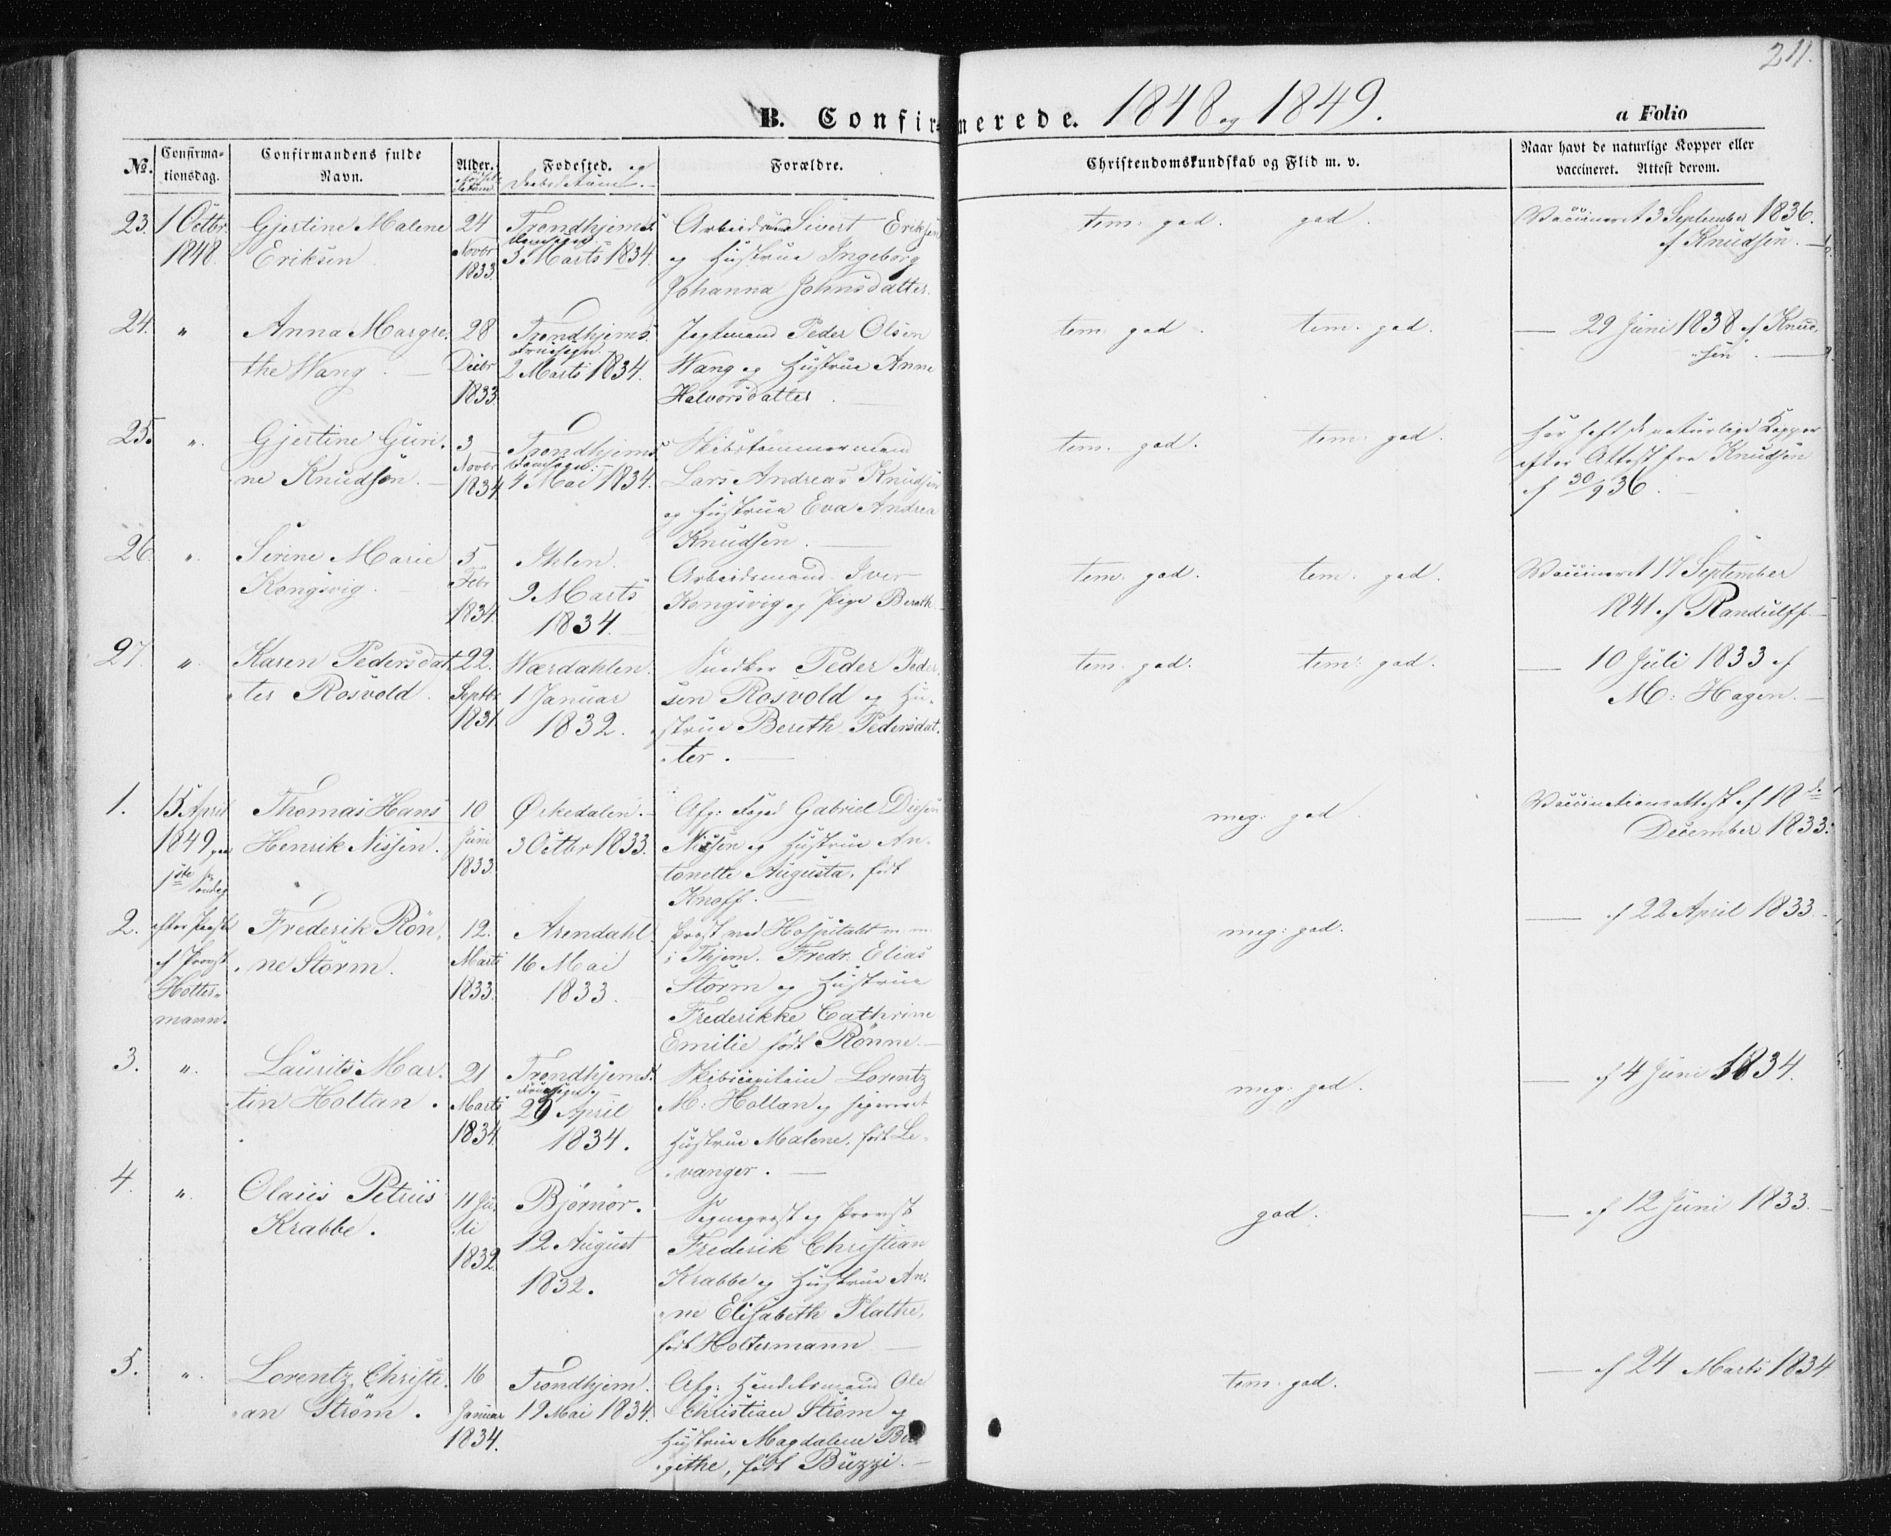 SAT, Ministerialprotokoller, klokkerbøker og fødselsregistre - Sør-Trøndelag, 602/L0112: Ministerialbok nr. 602A10, 1848-1859, s. 211